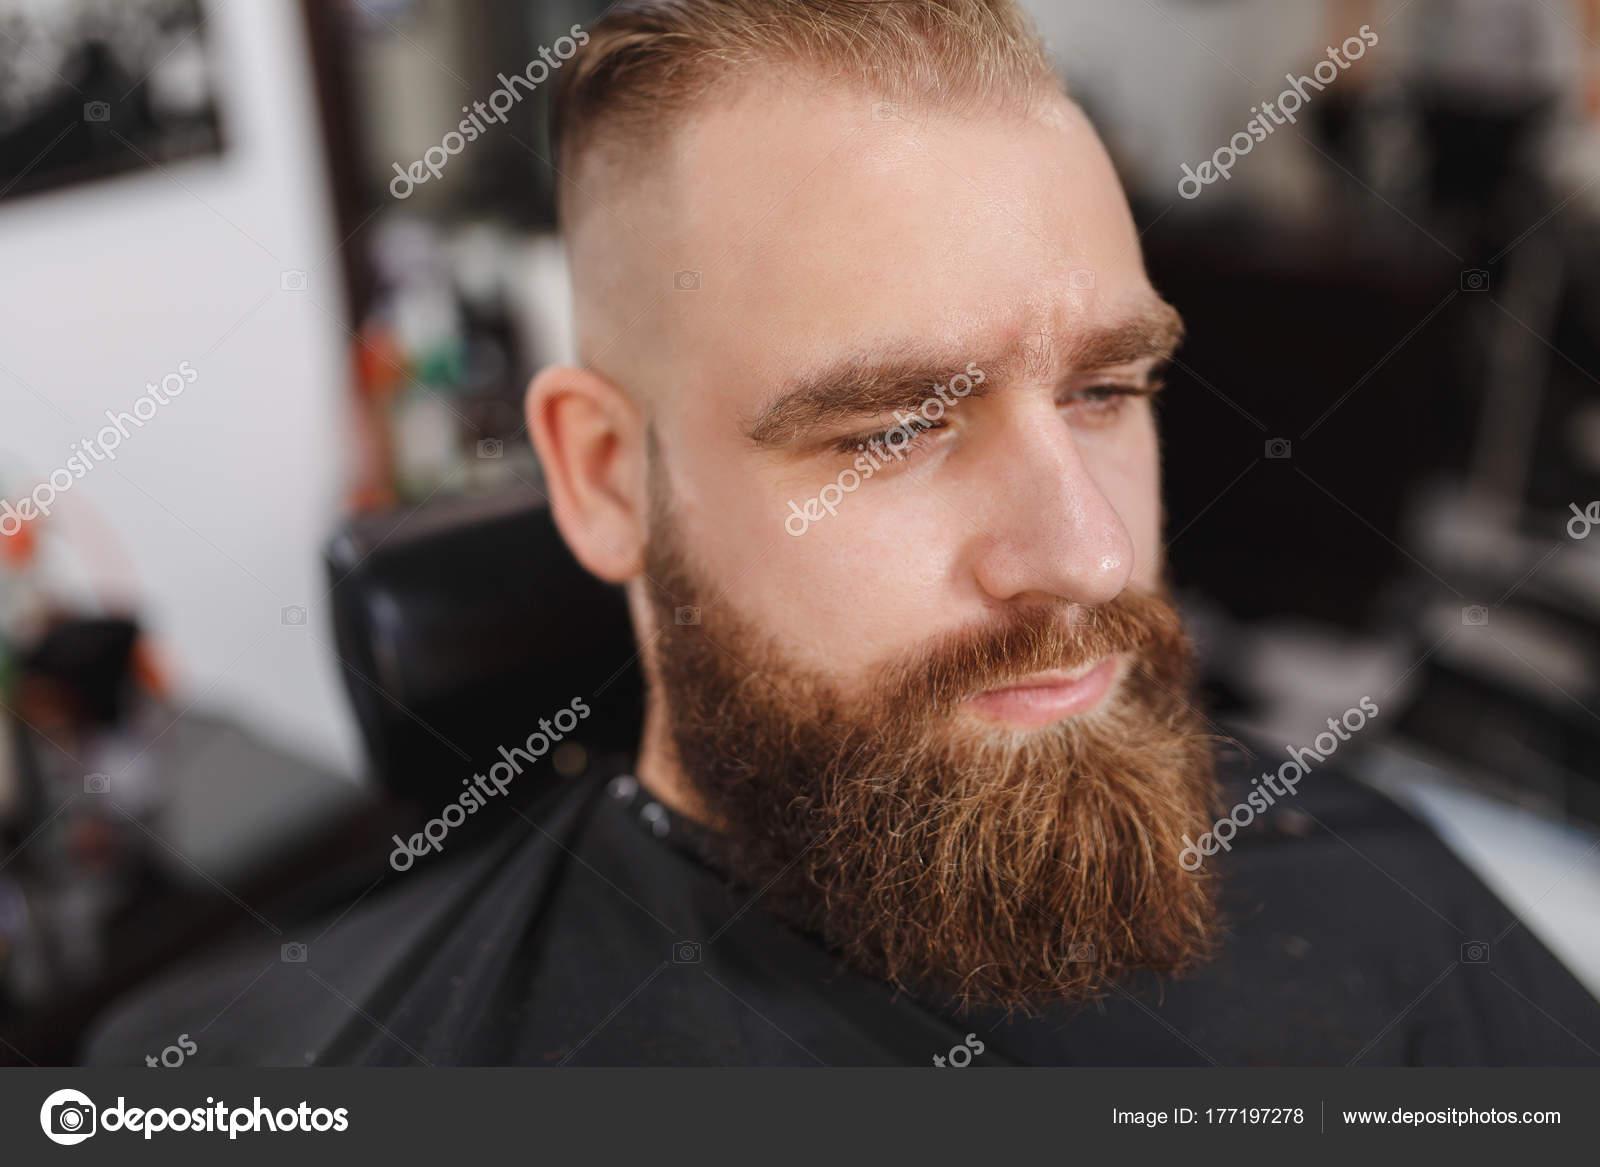 Cliente De Serviço Masculino Profissional Cabeleireiro